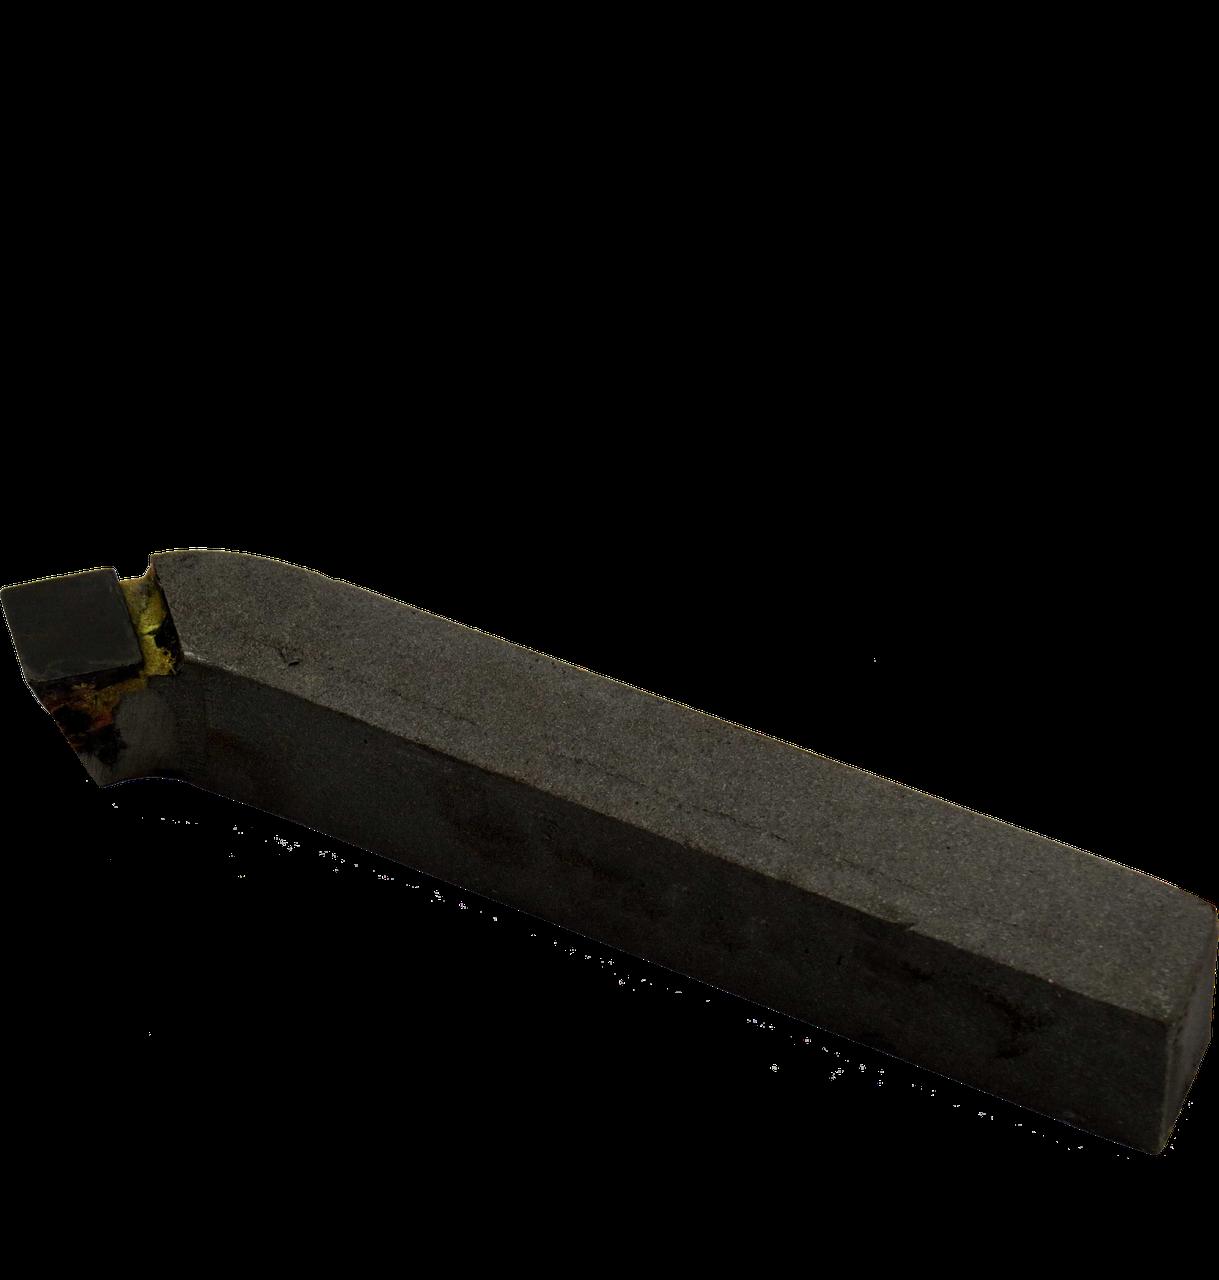 Резец токарный проходной отогнутый 40х25х200 (Т15К6) СИТО Беларусь